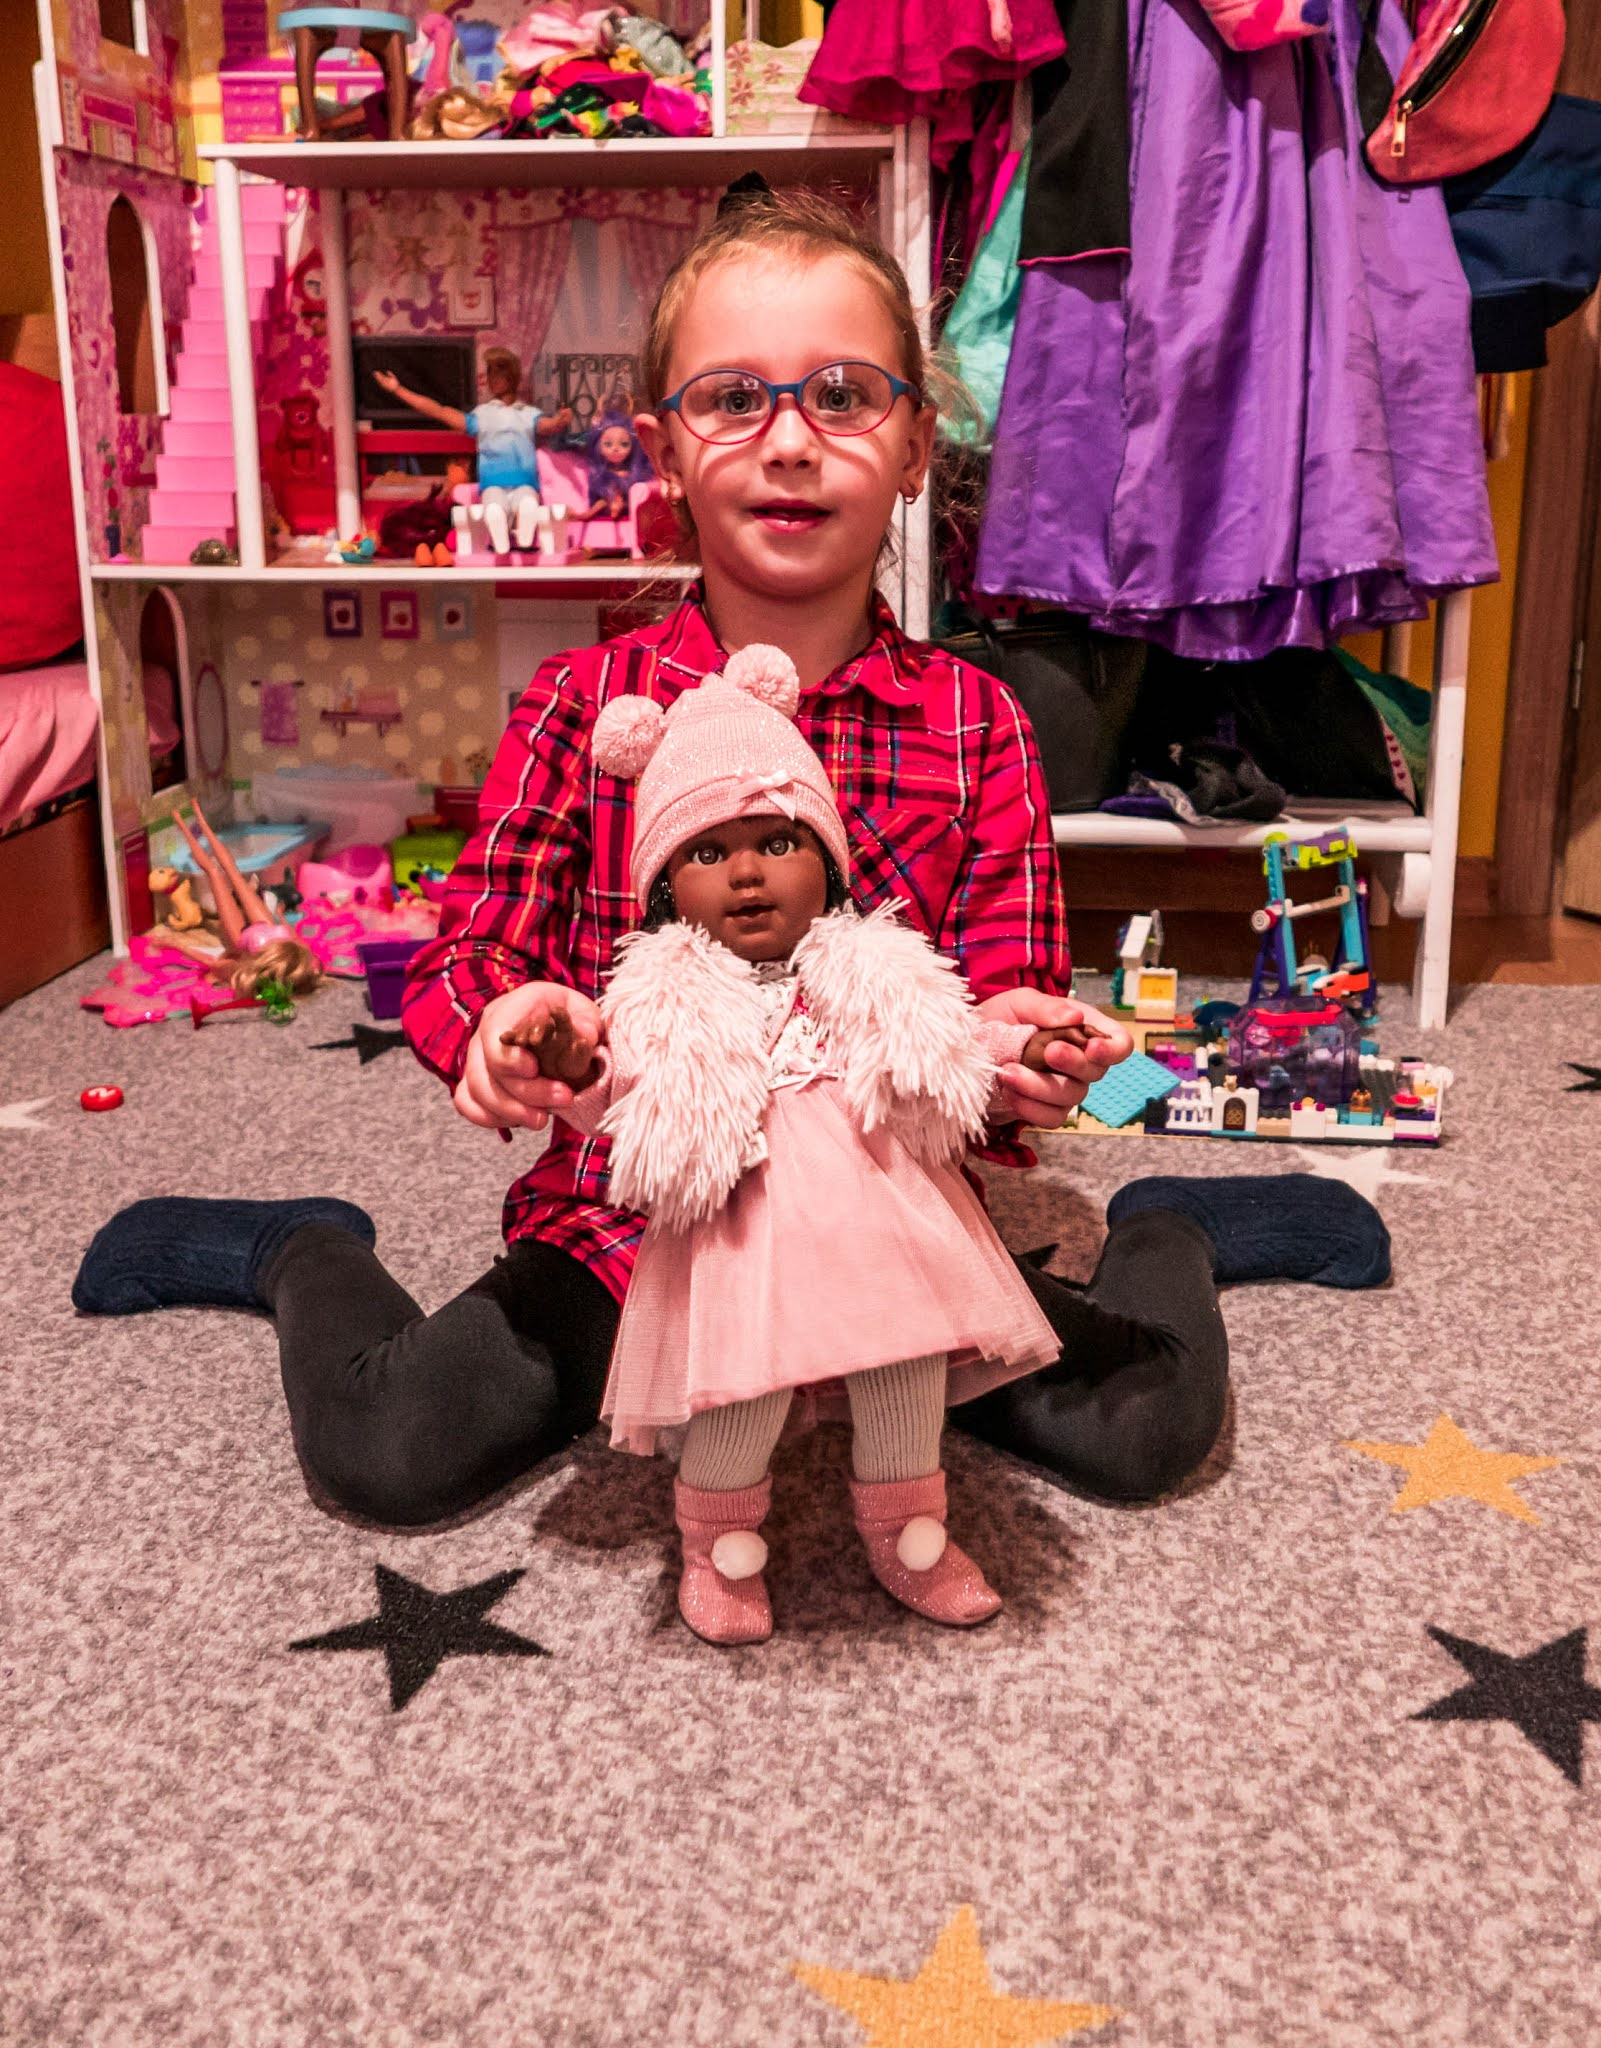 Jaką lalkę polecacie na prezent dla dziewczynki